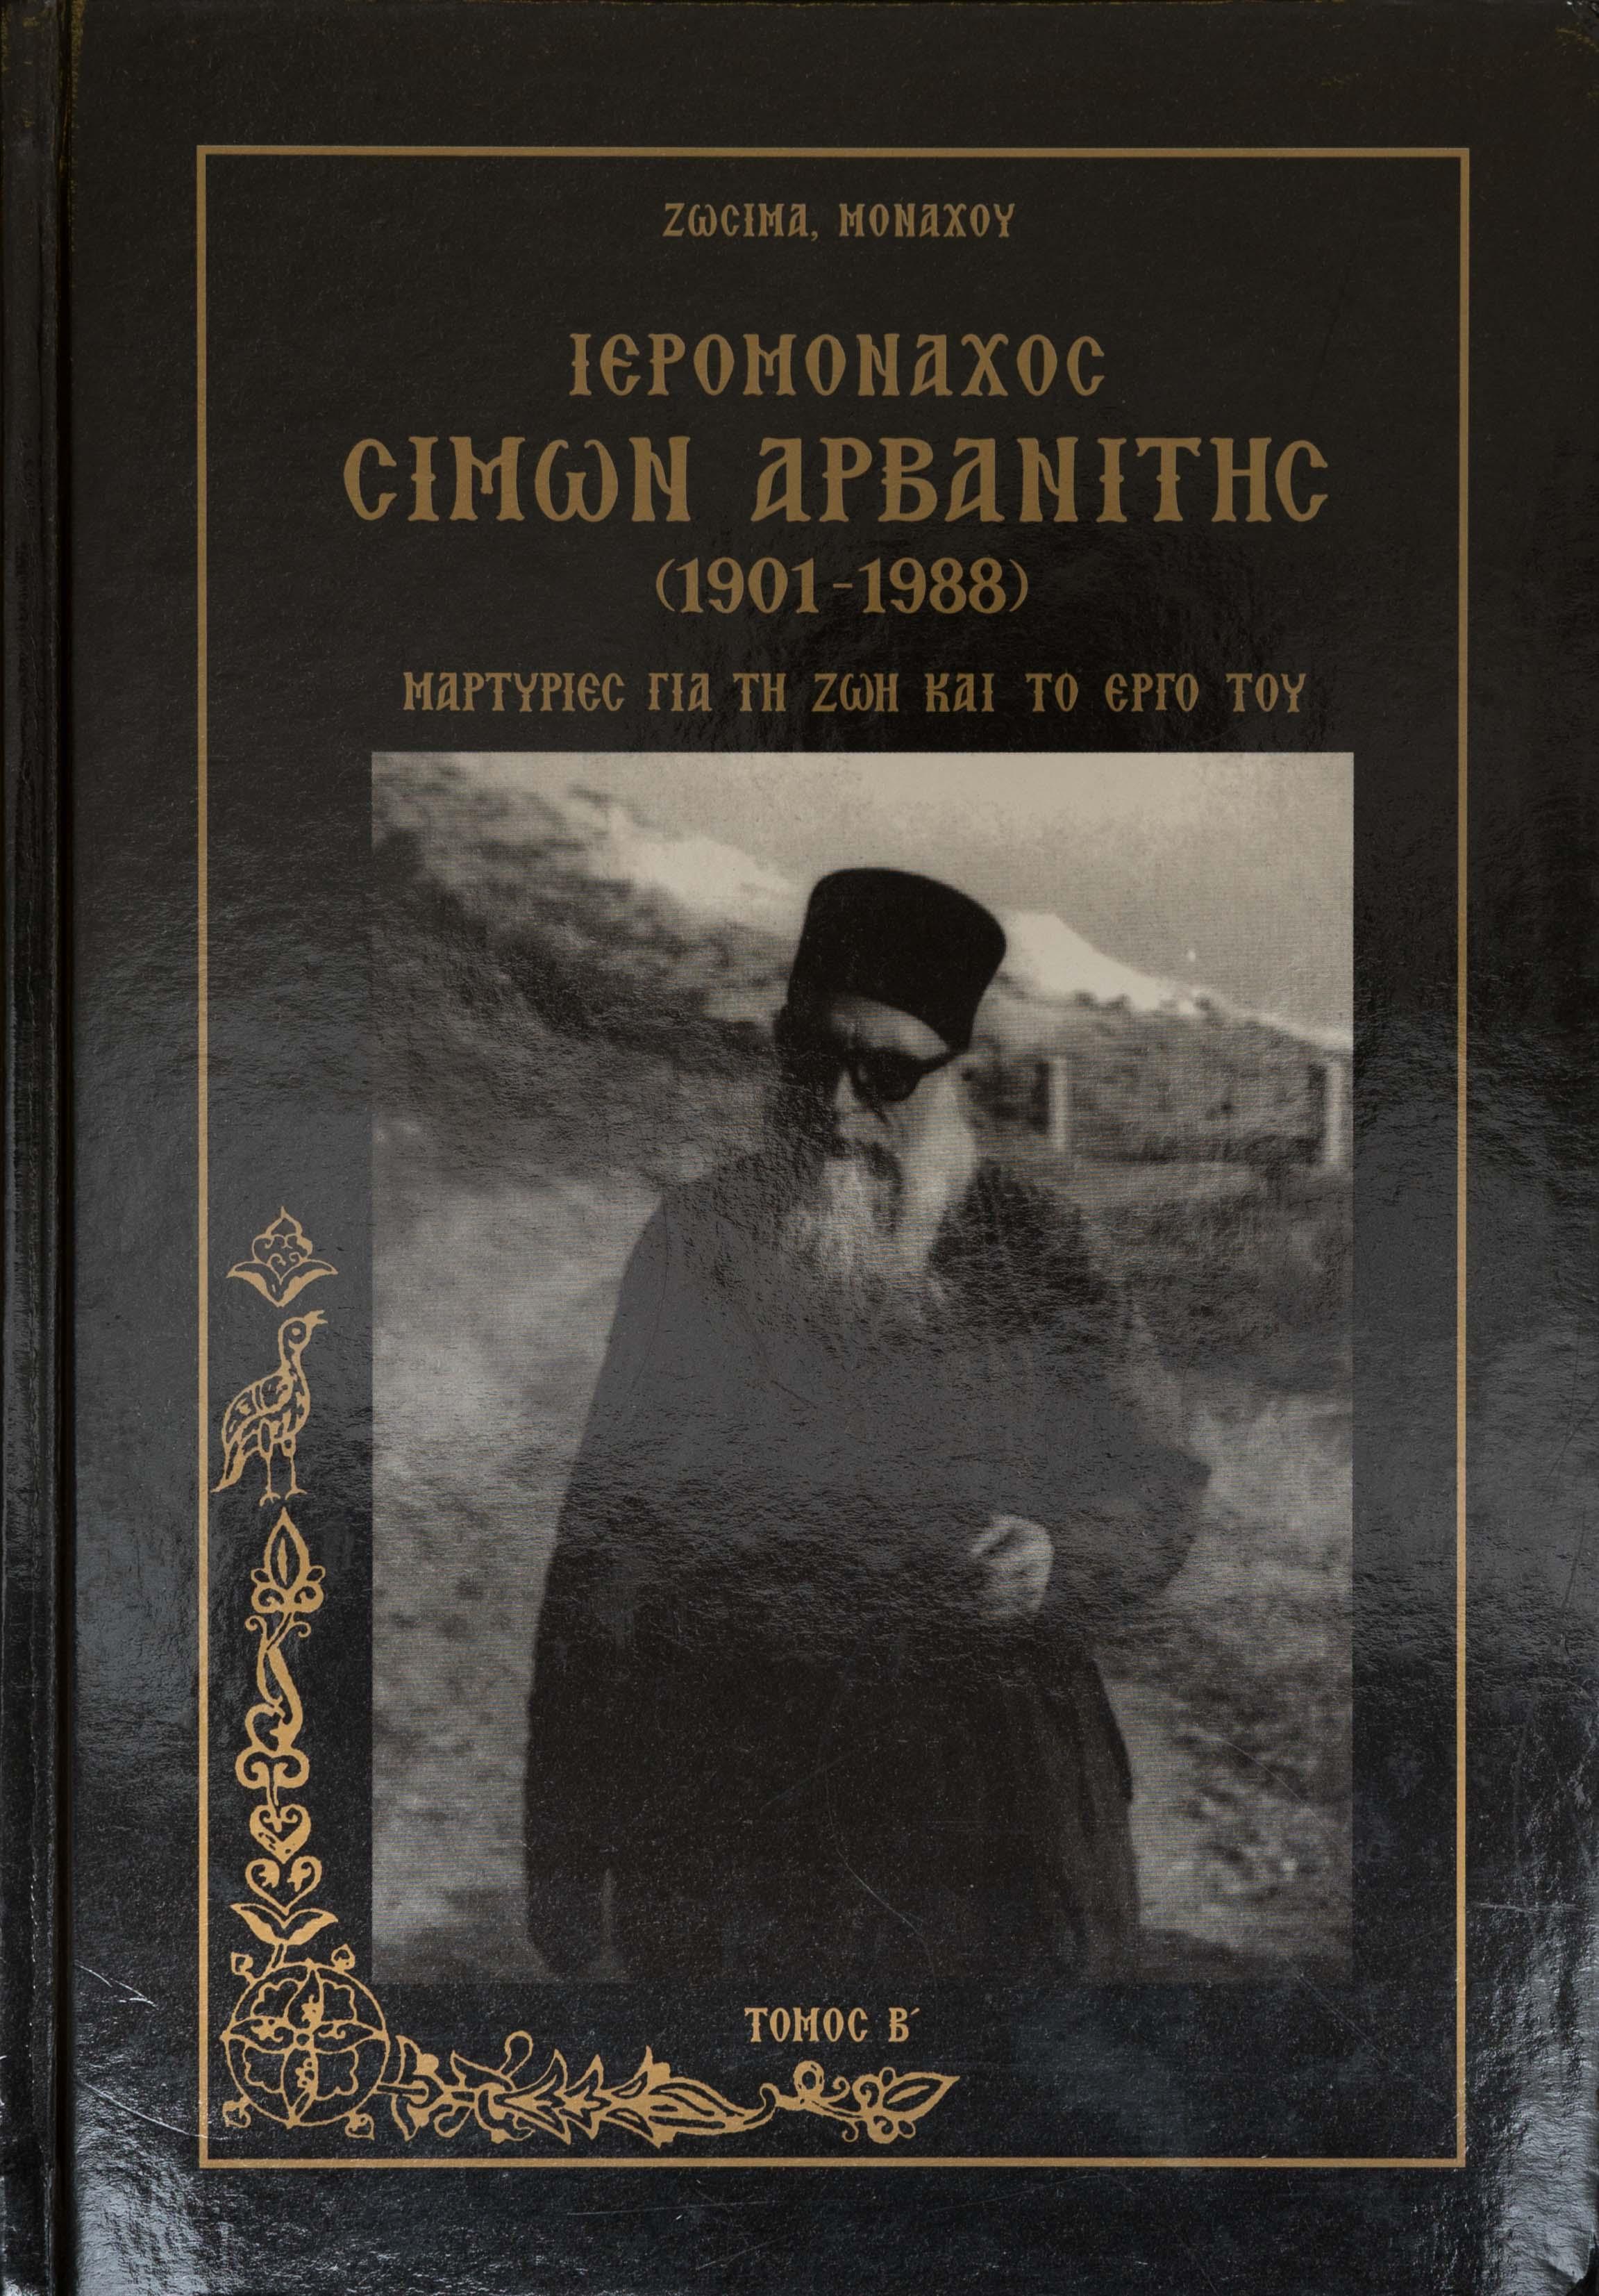 Ιερομόναχος Σίμον Αρβανίτης 1901-1988 Μαρτυρίες για τη Ζωή και το Εργο του   Τόμος B'